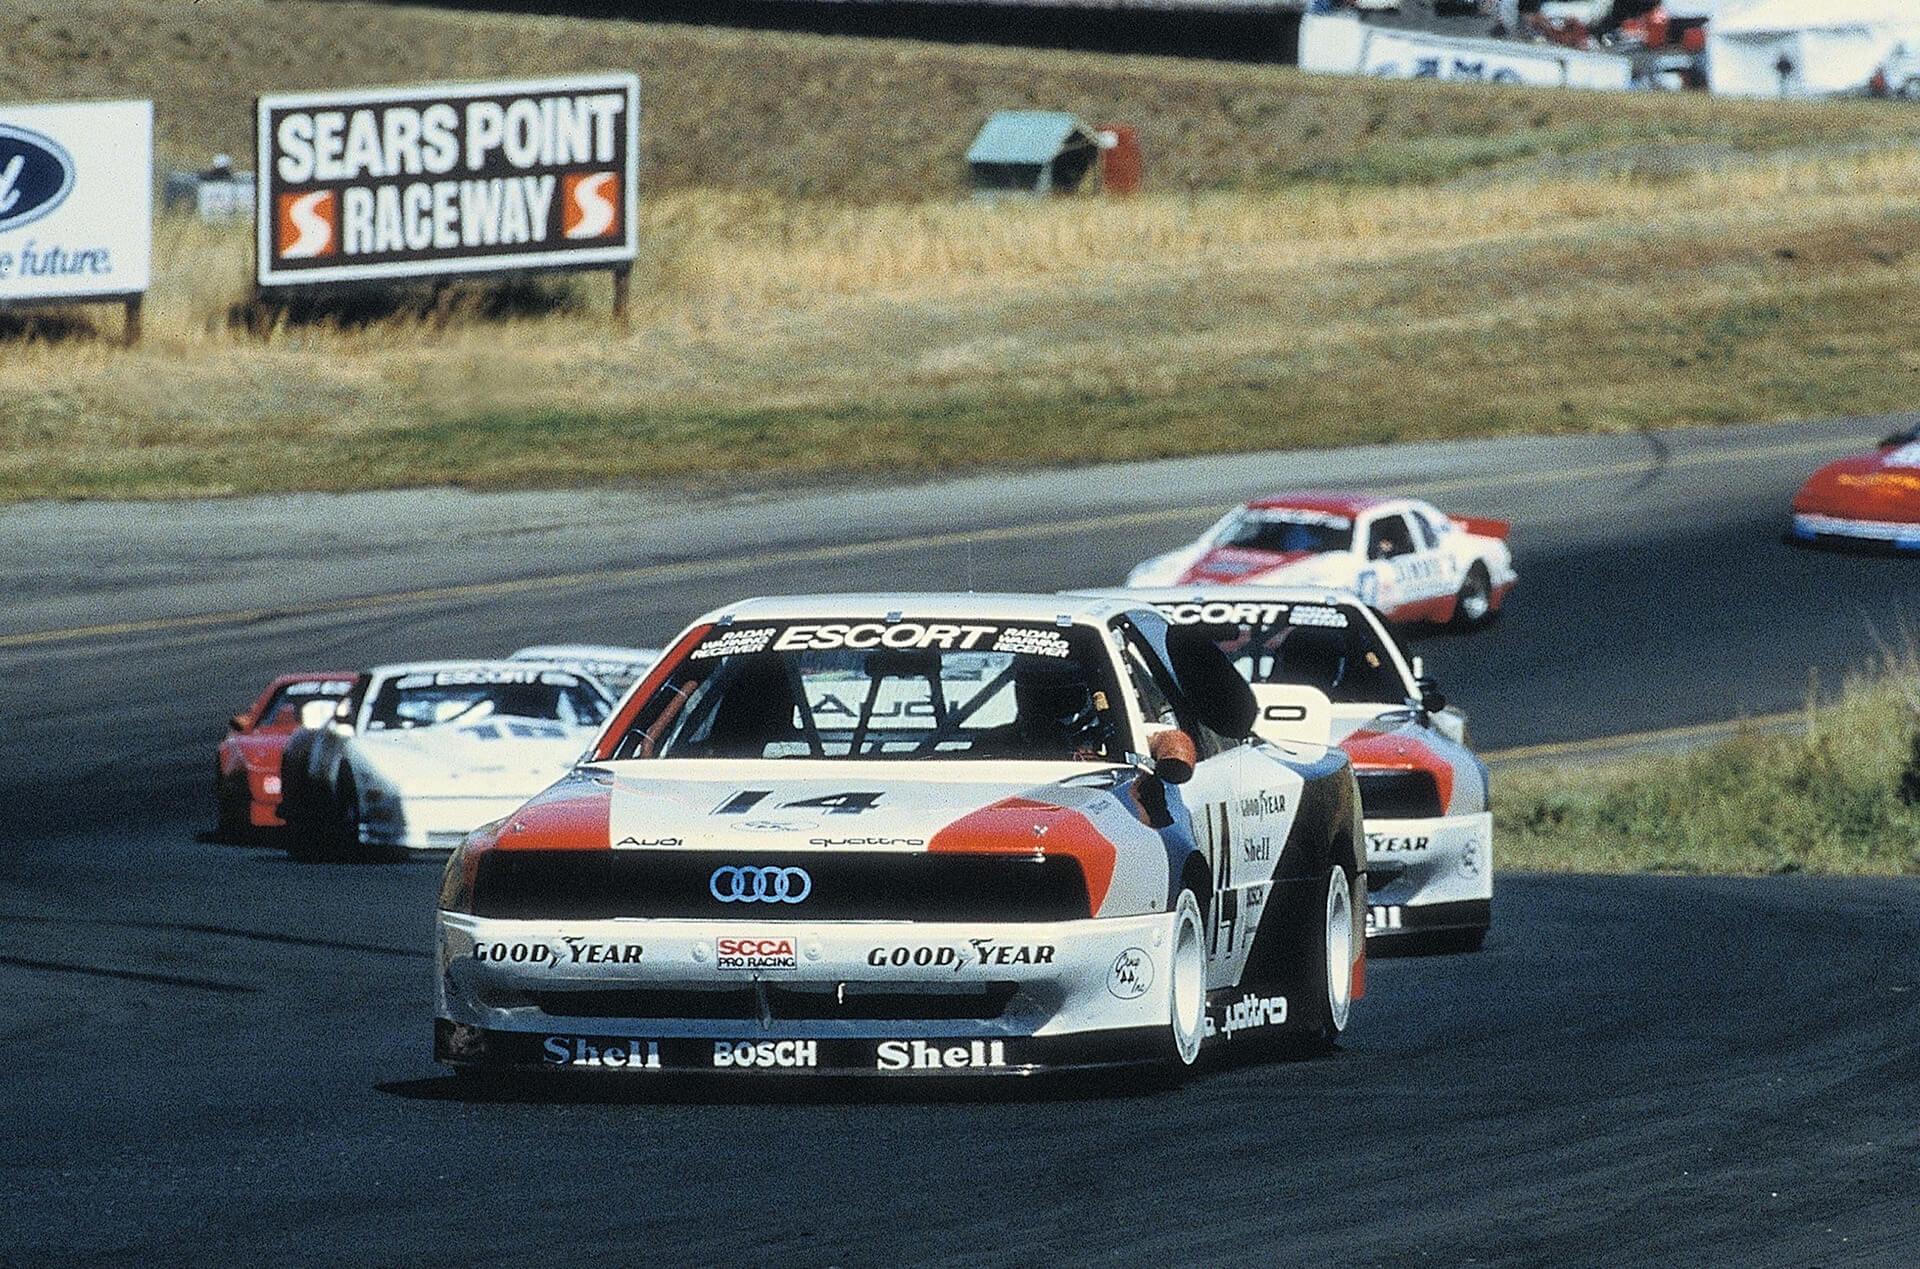 Το 1988, το Audi 200 συμμετείχε στη σειρά TransAm στην Αμερική